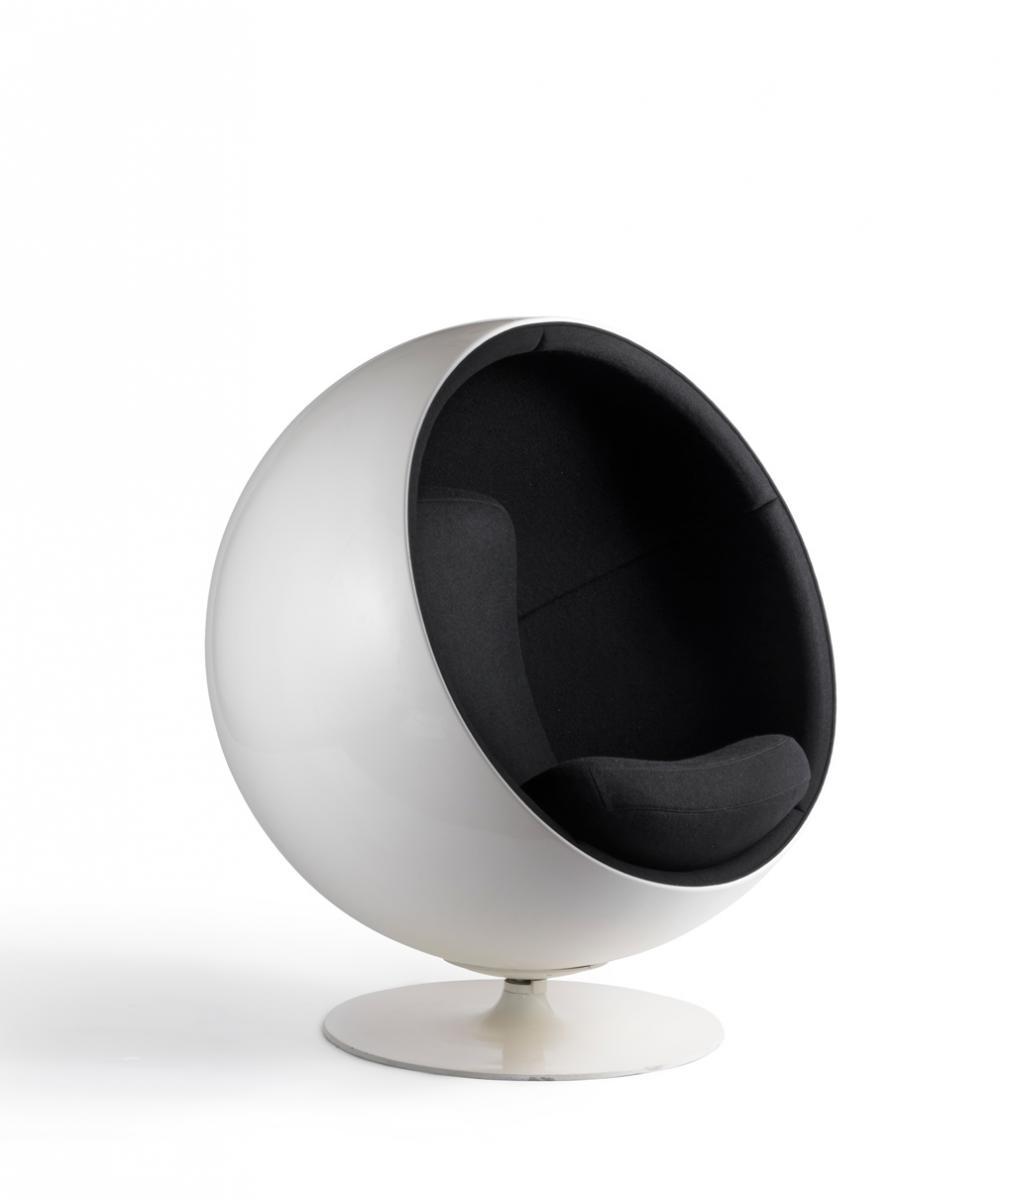 asko. Black Bedroom Furniture Sets. Home Design Ideas